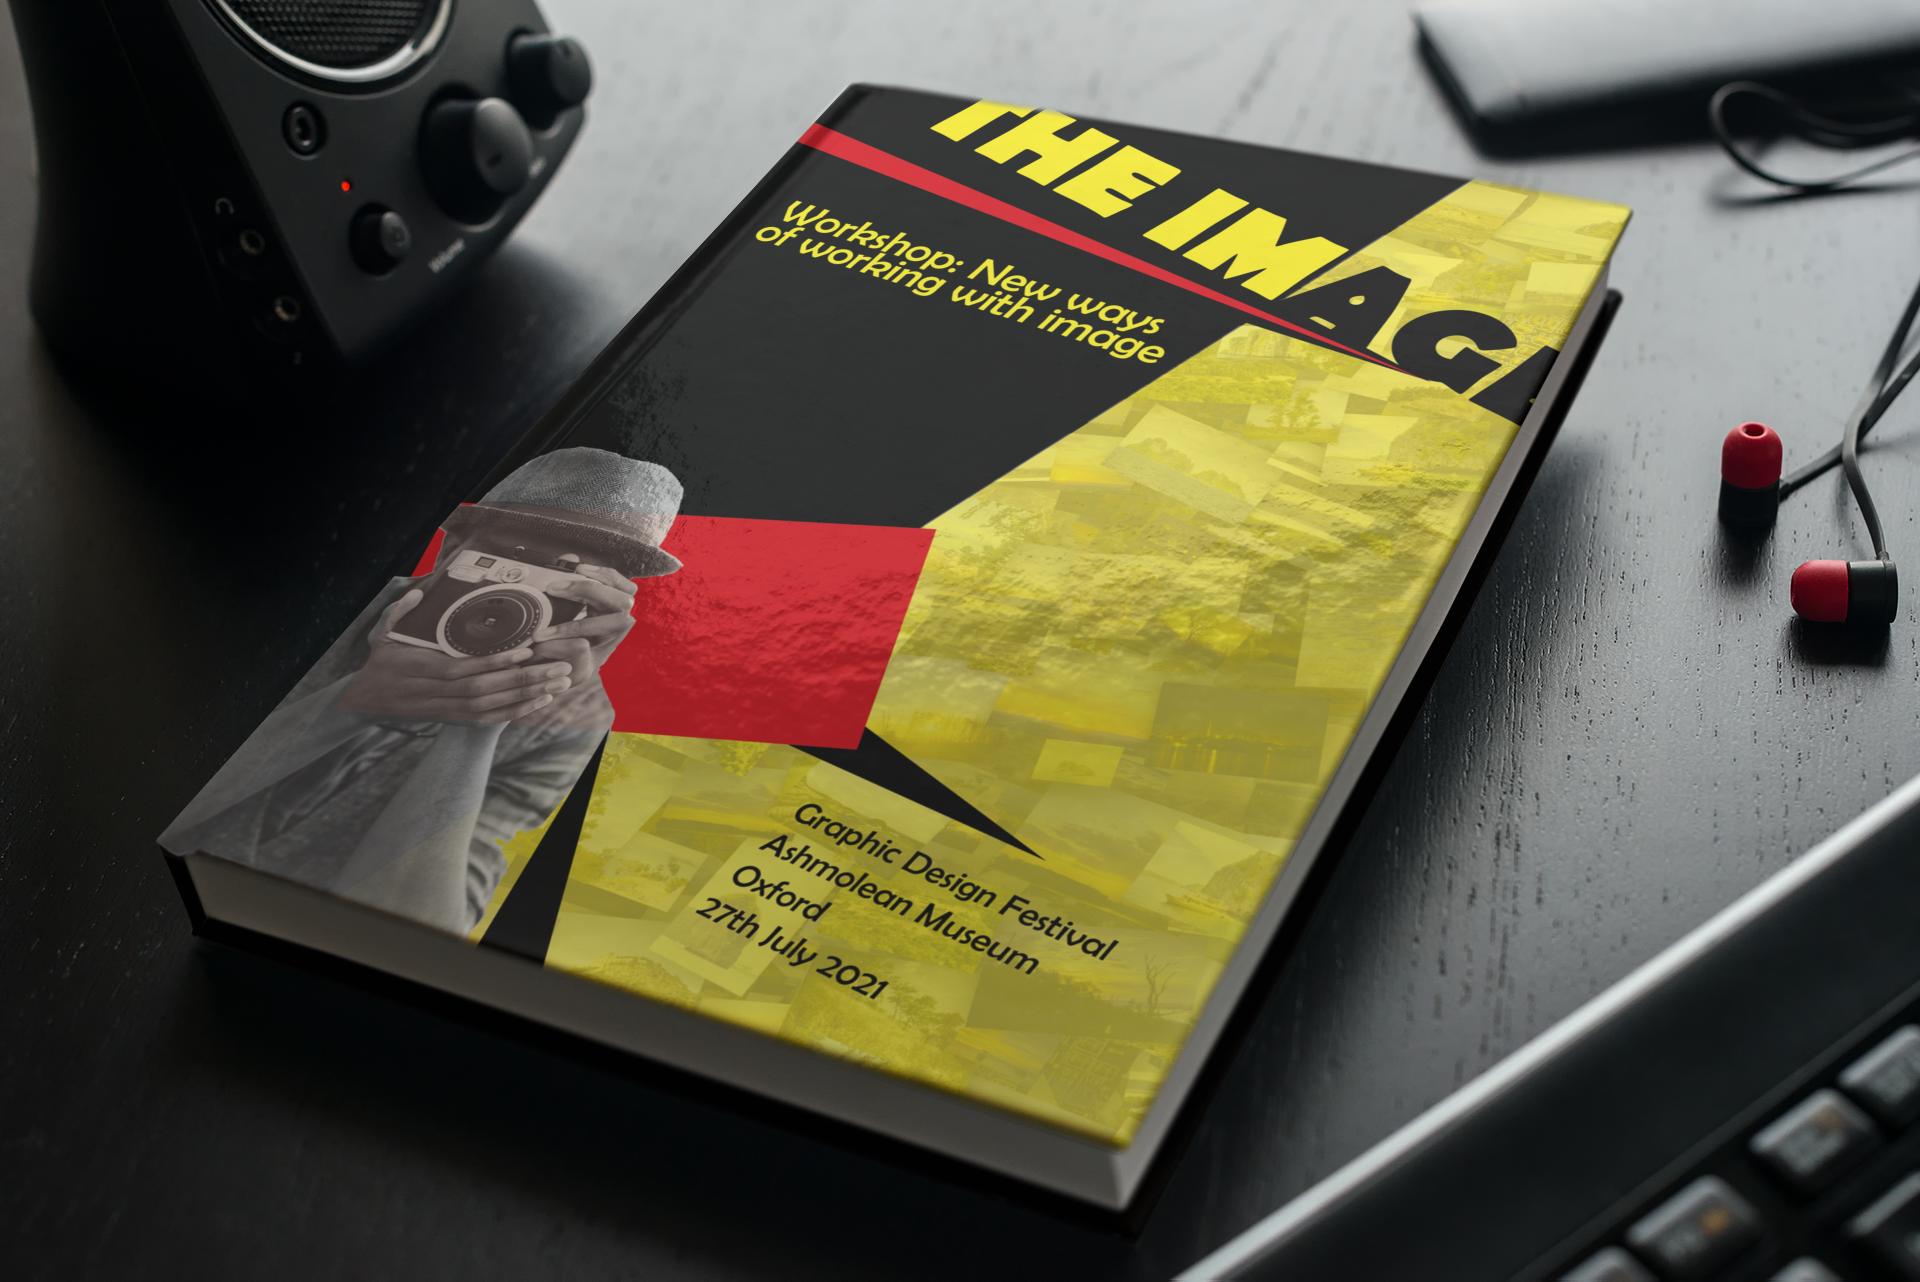 Poster for Graphic Design Workshops